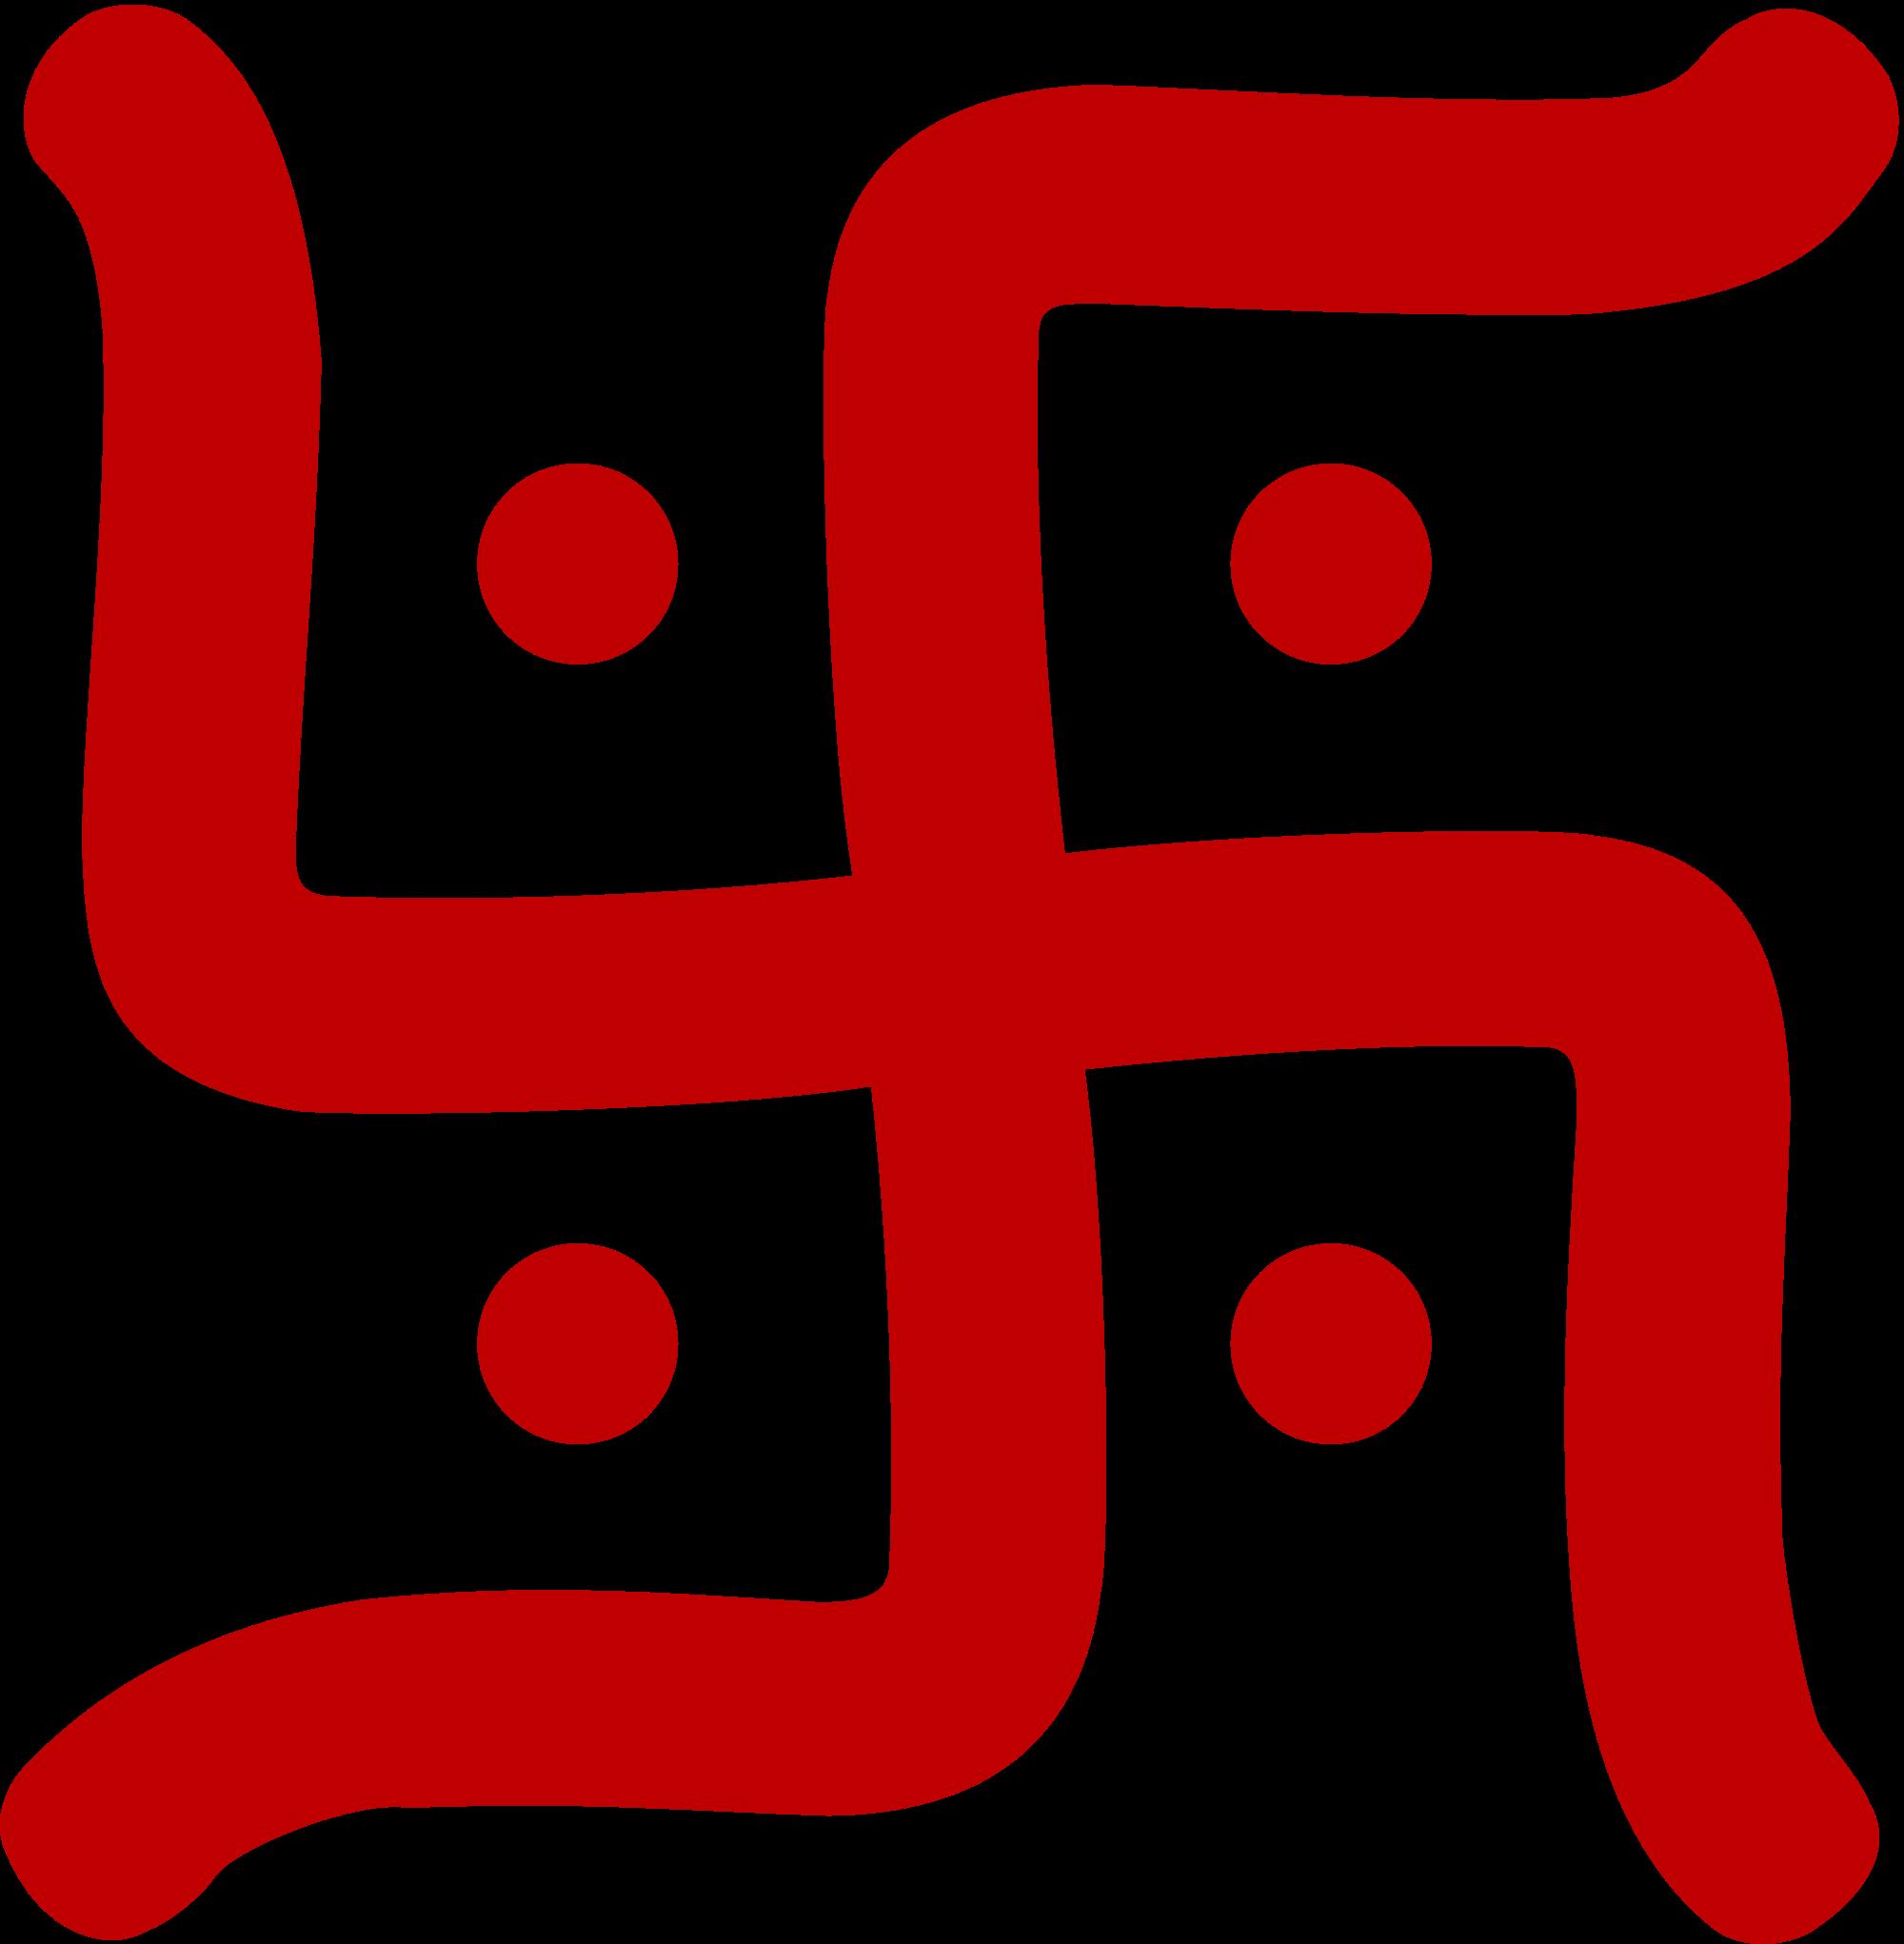 Hindu Swastik Logos